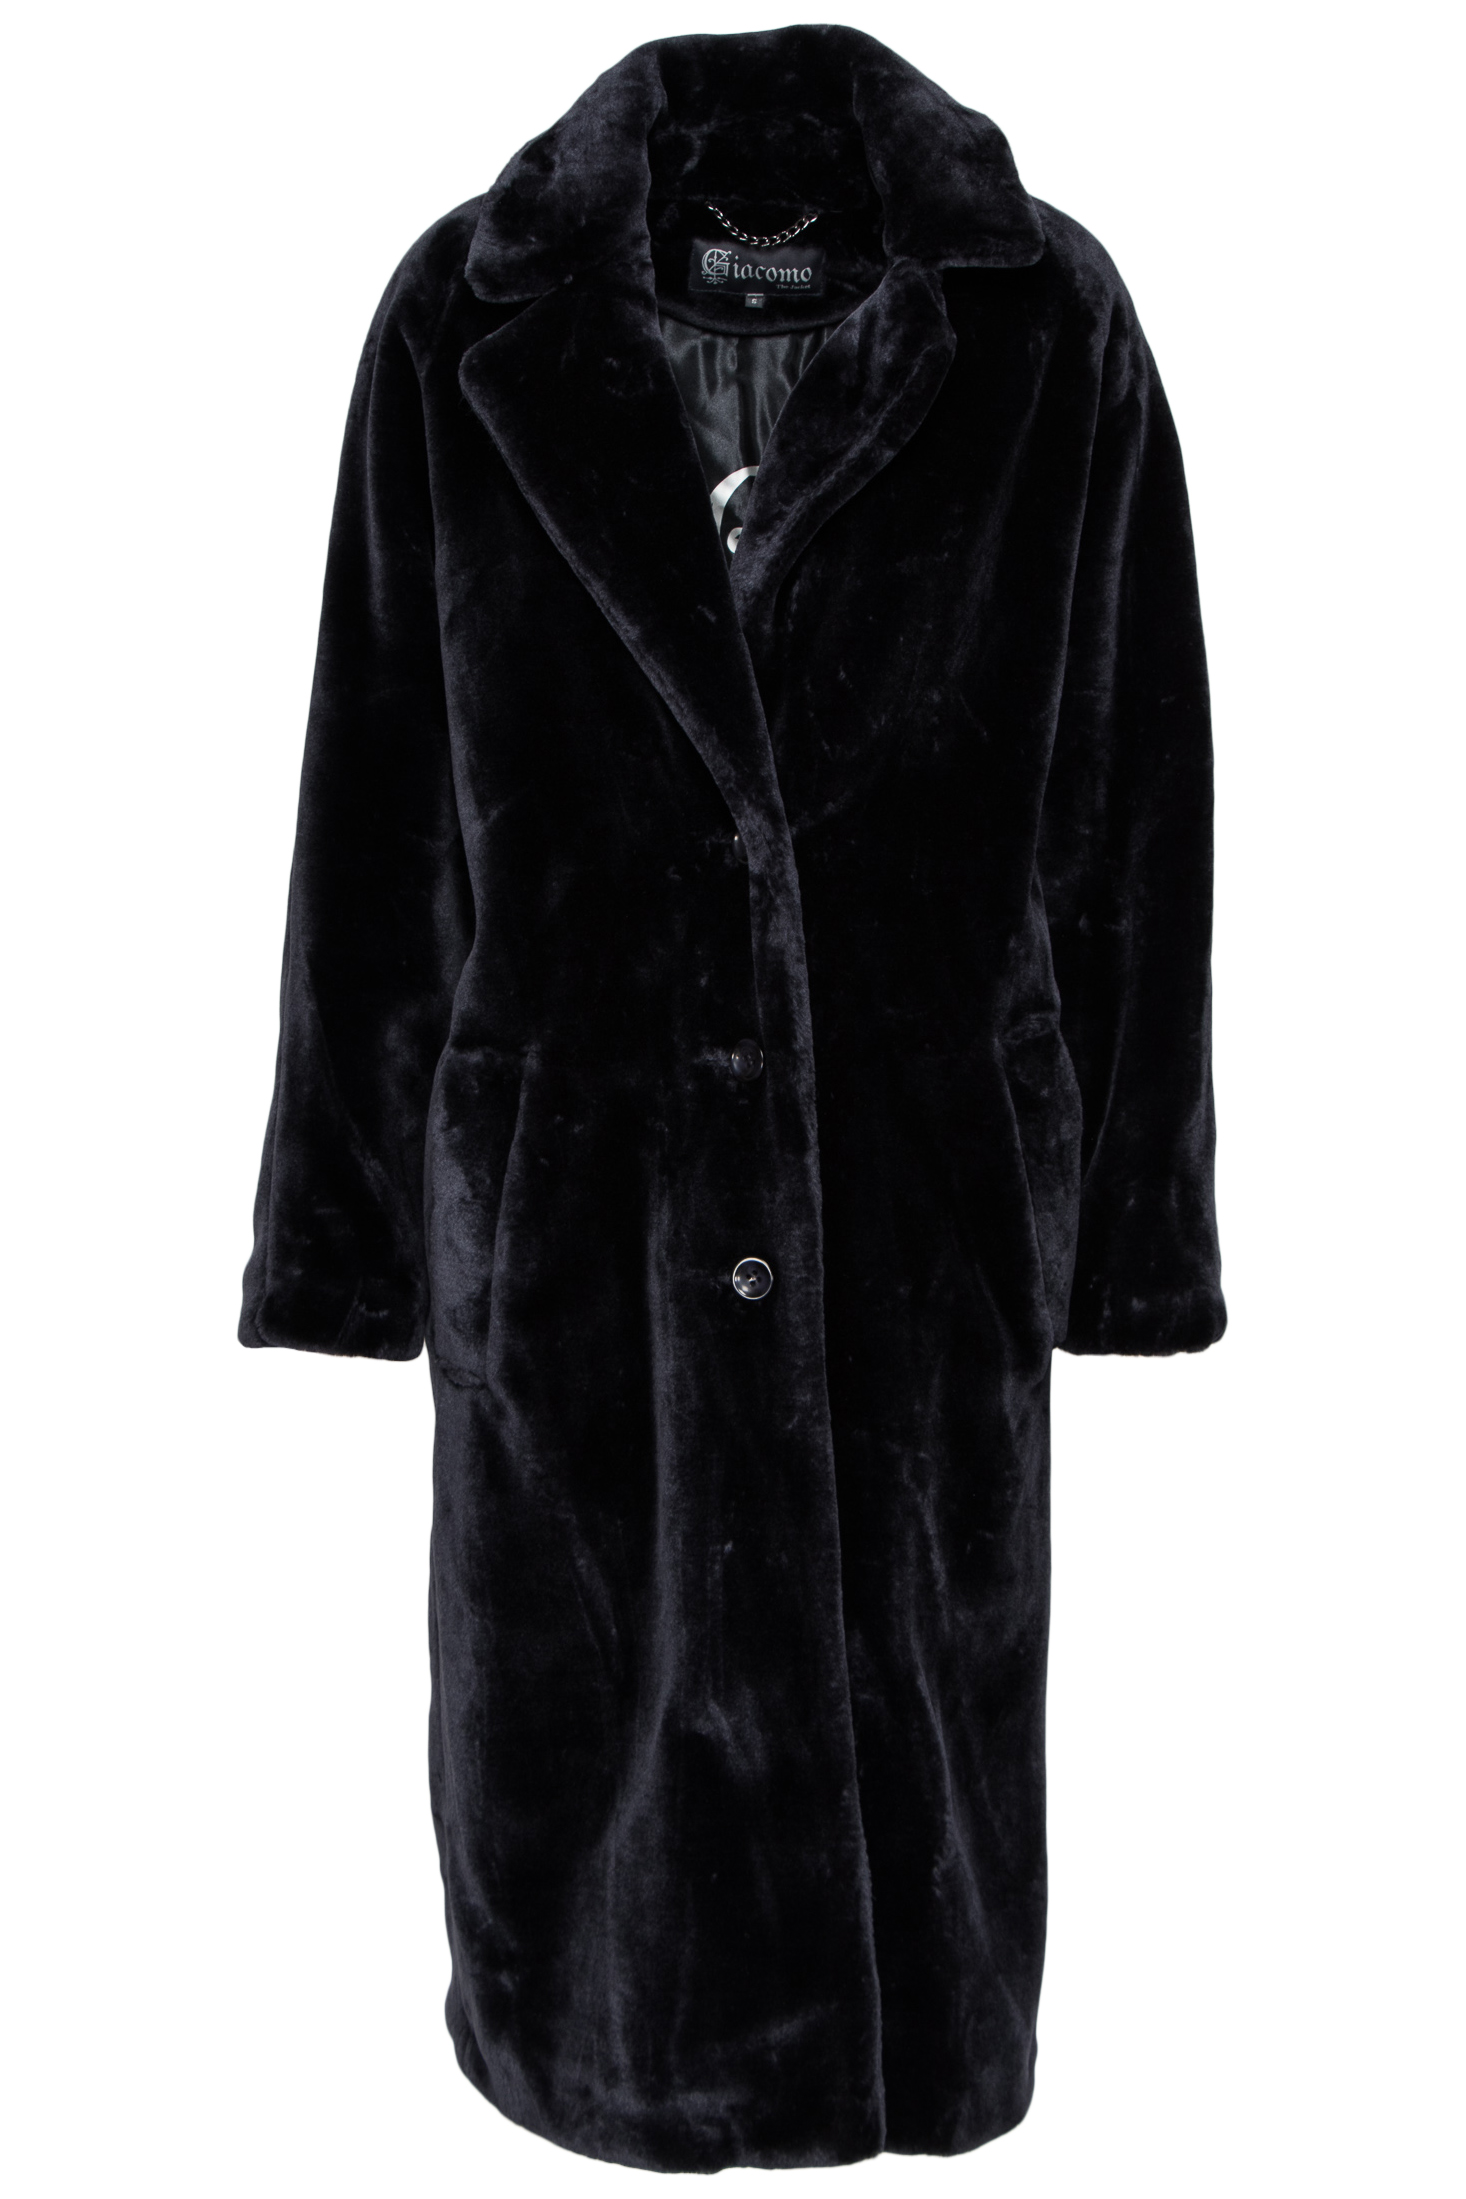 Donkerblauwe lange faux fur bontjas Giacomo - 66.13.426